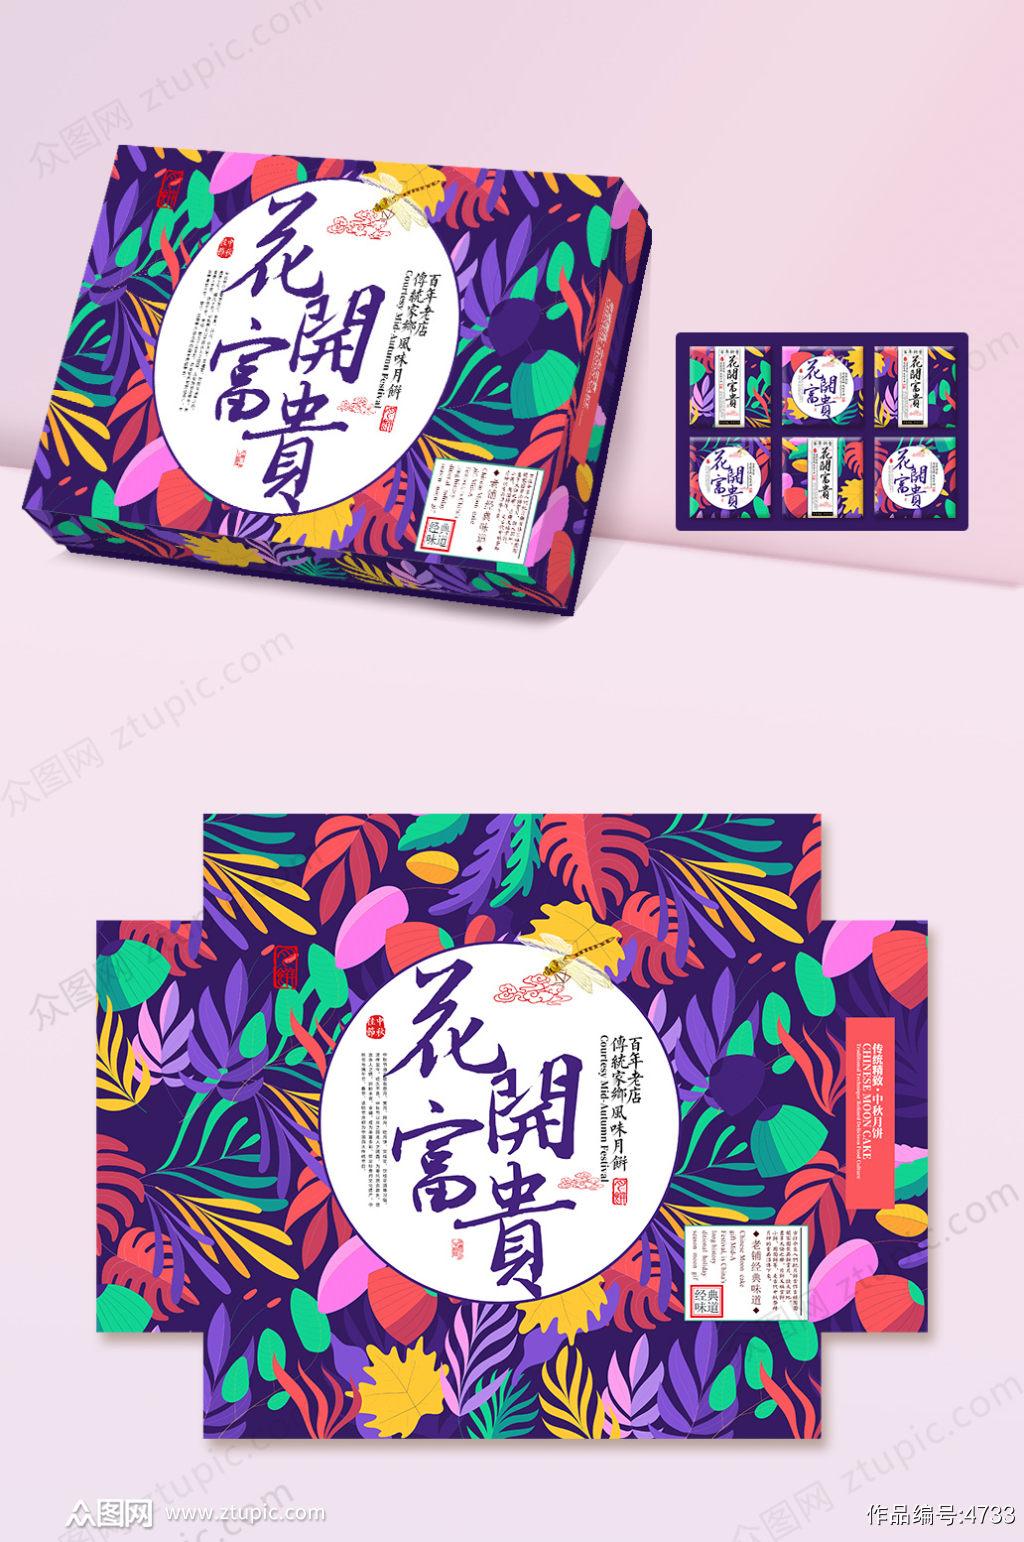 2019新款时尚花纹中秋节月饼包装盒设计素材